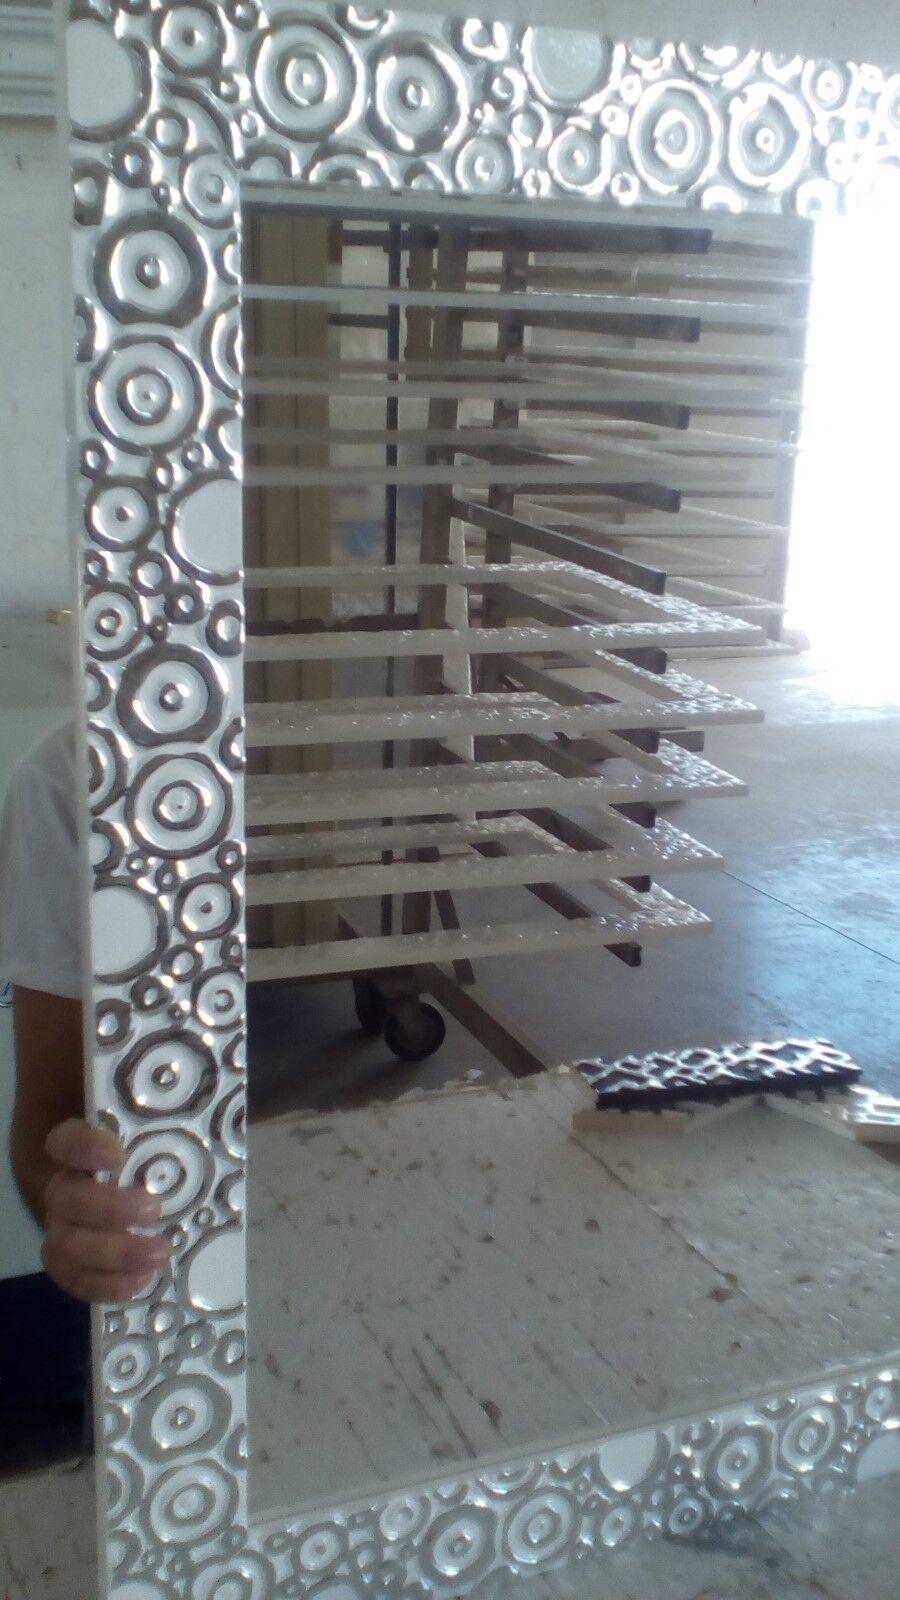 SPECCHIERA moderna 80 x 100 legno  argento laccato bianco con rilievi argento  7d4a7d